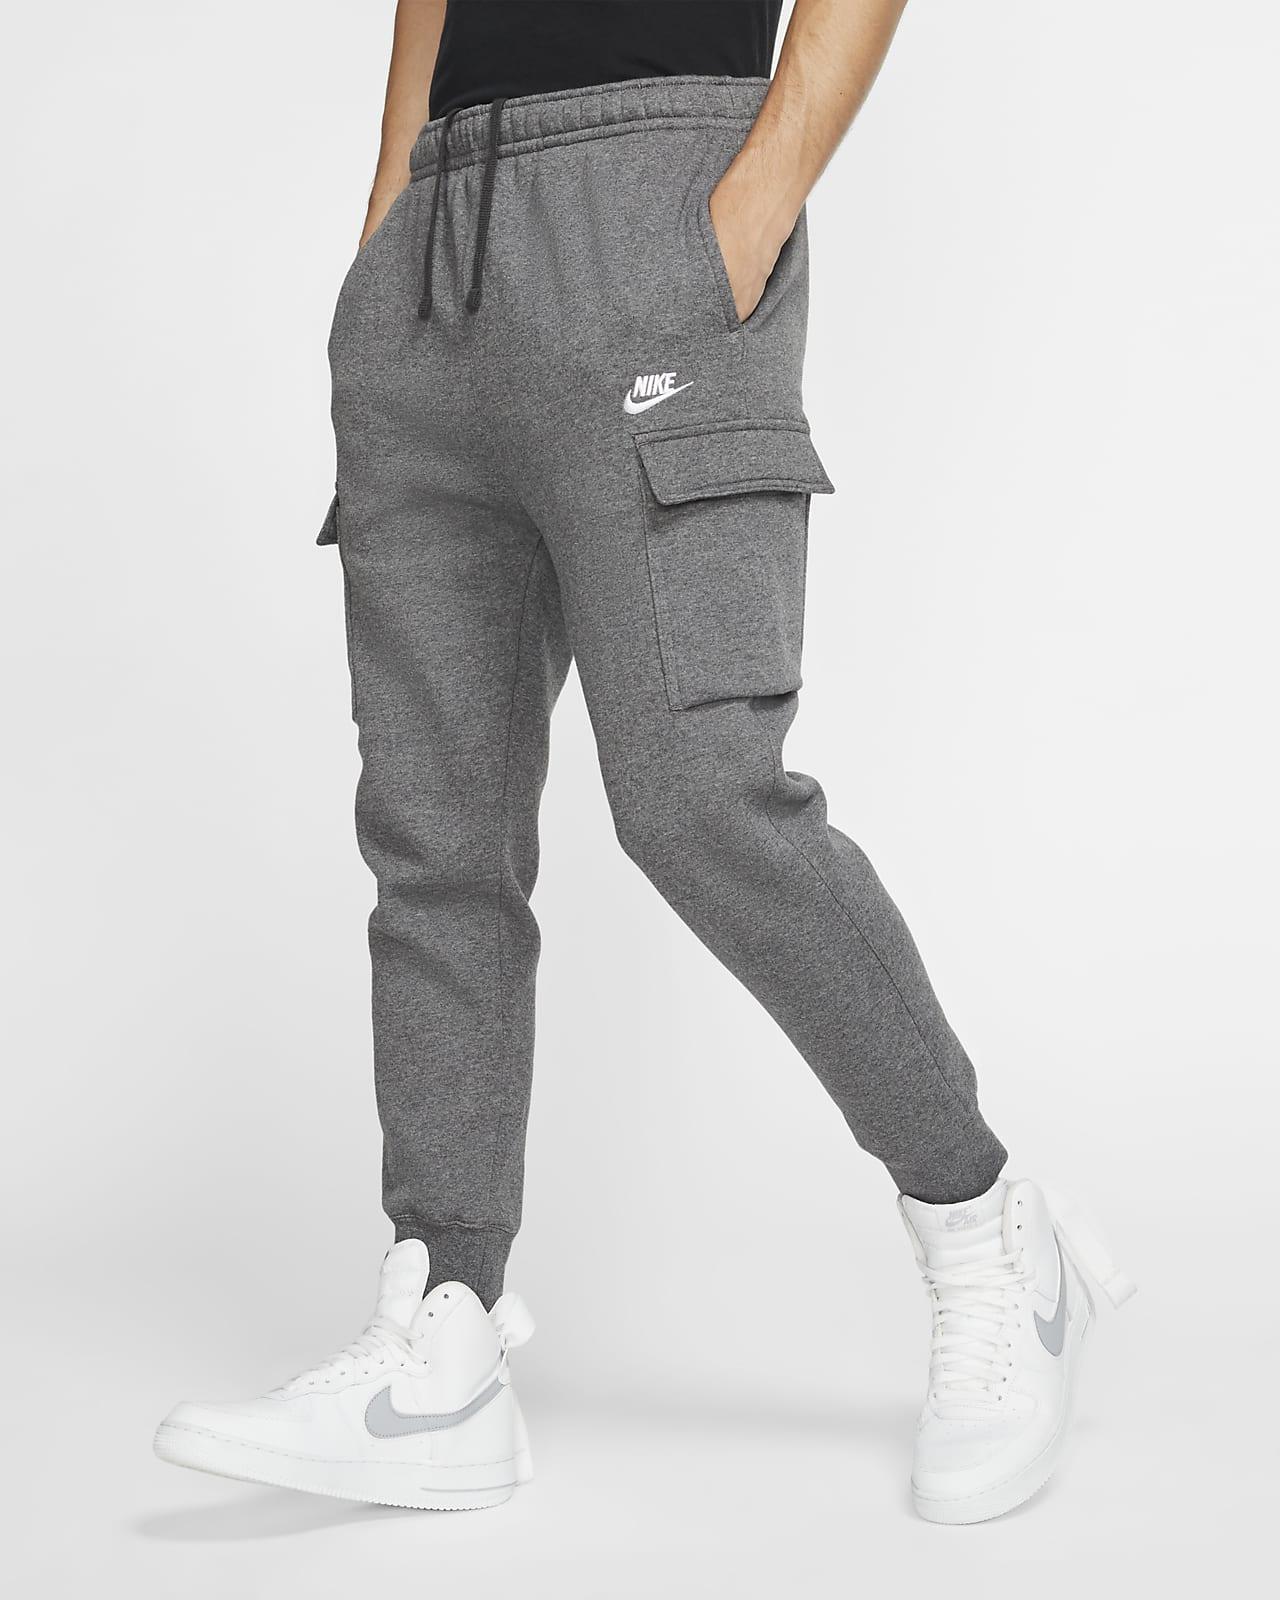 Nike Sportswear Club Fleece Erkek Kargo Eşofman Altı